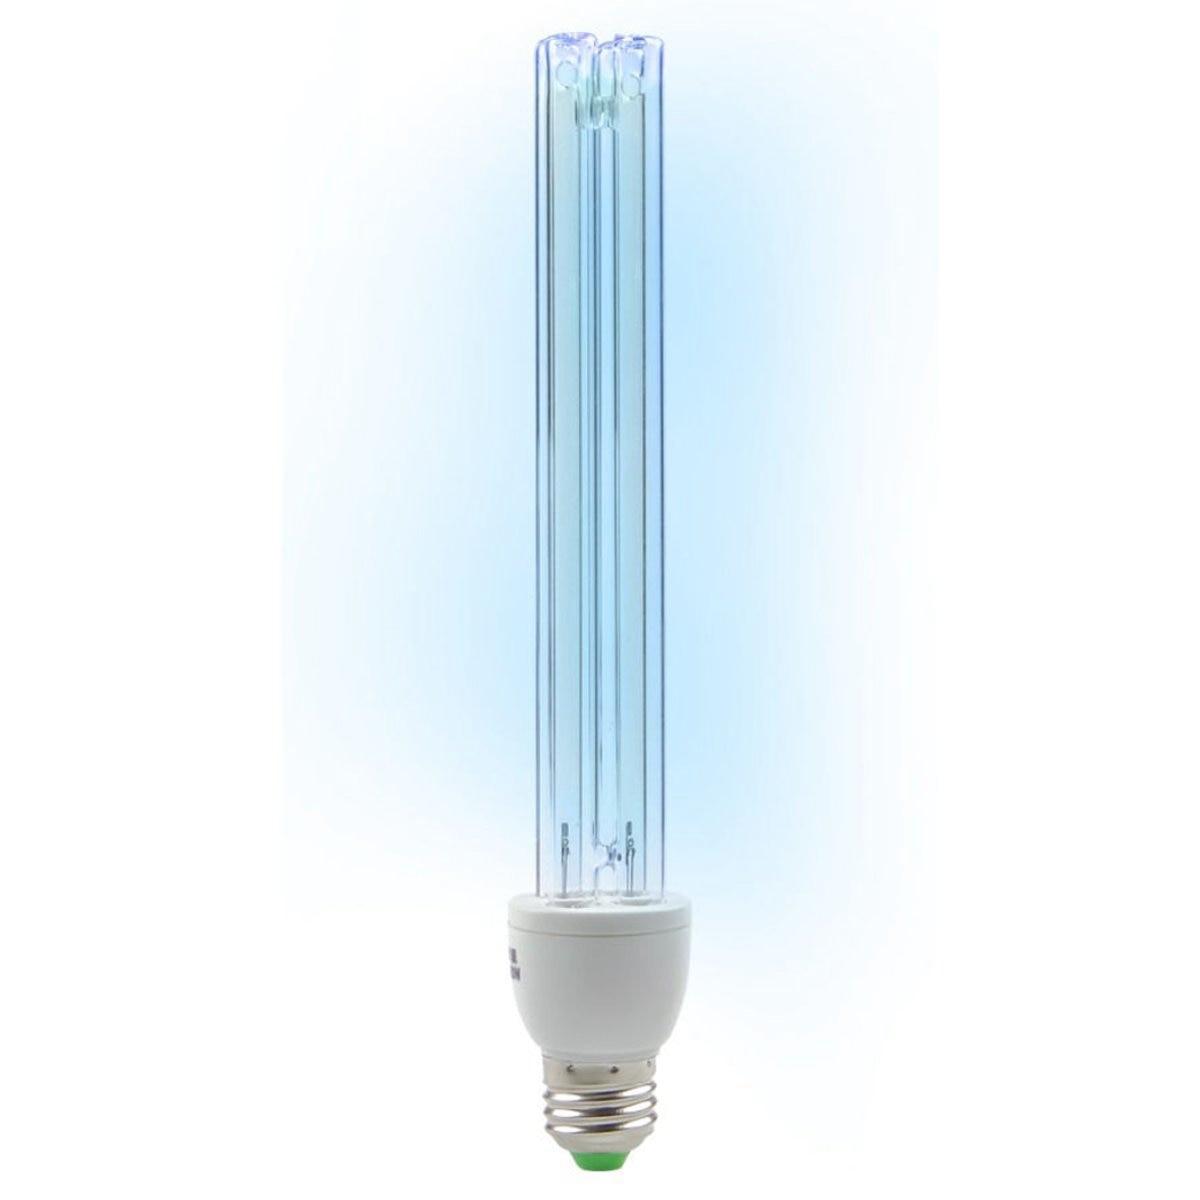 Ultraviolet UV Lampe Lumière Tube Ampoule E27 20 W AC220V UVC Lampe De Désinfection Stérilisation à L'ozone Acariens Lumières Lampe Germicide Ampoule